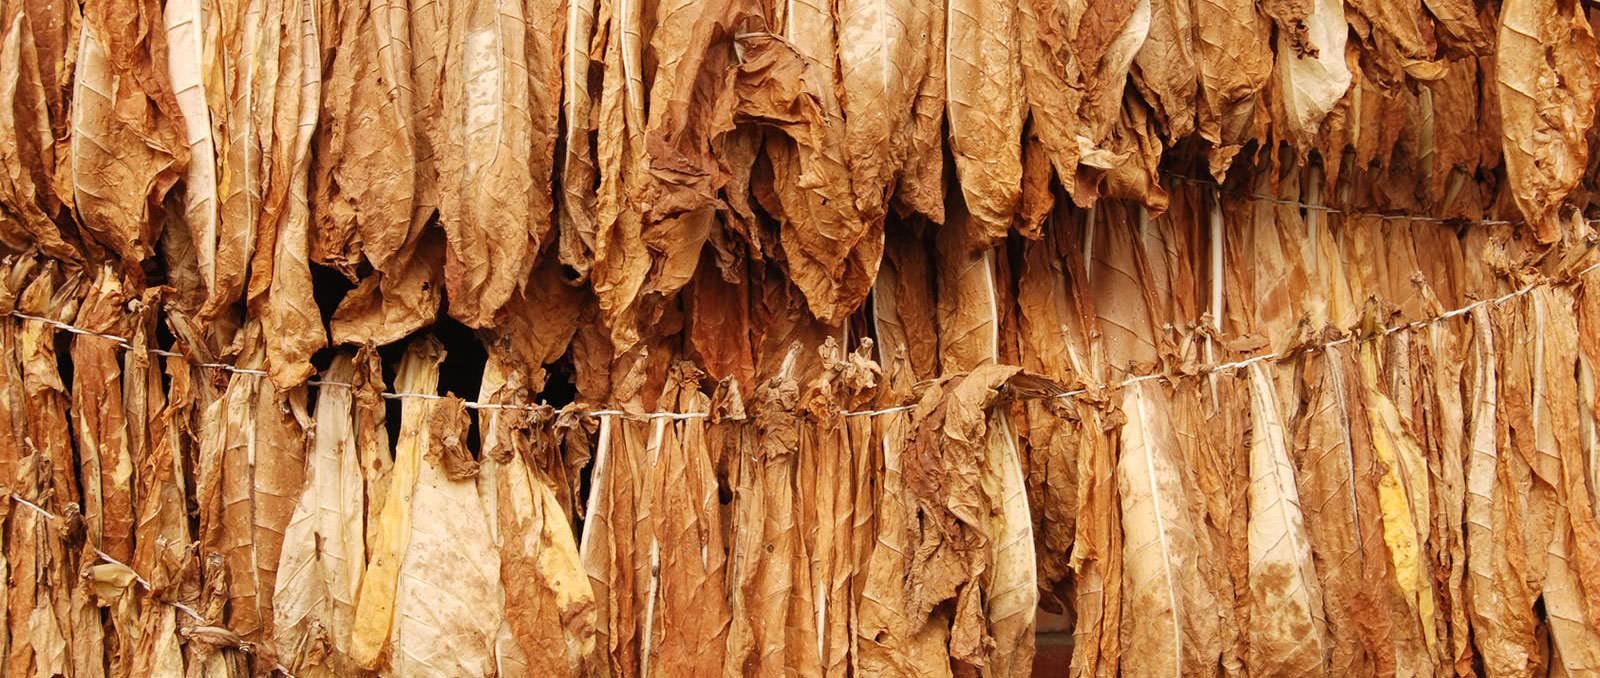 virgo-tobacco-home